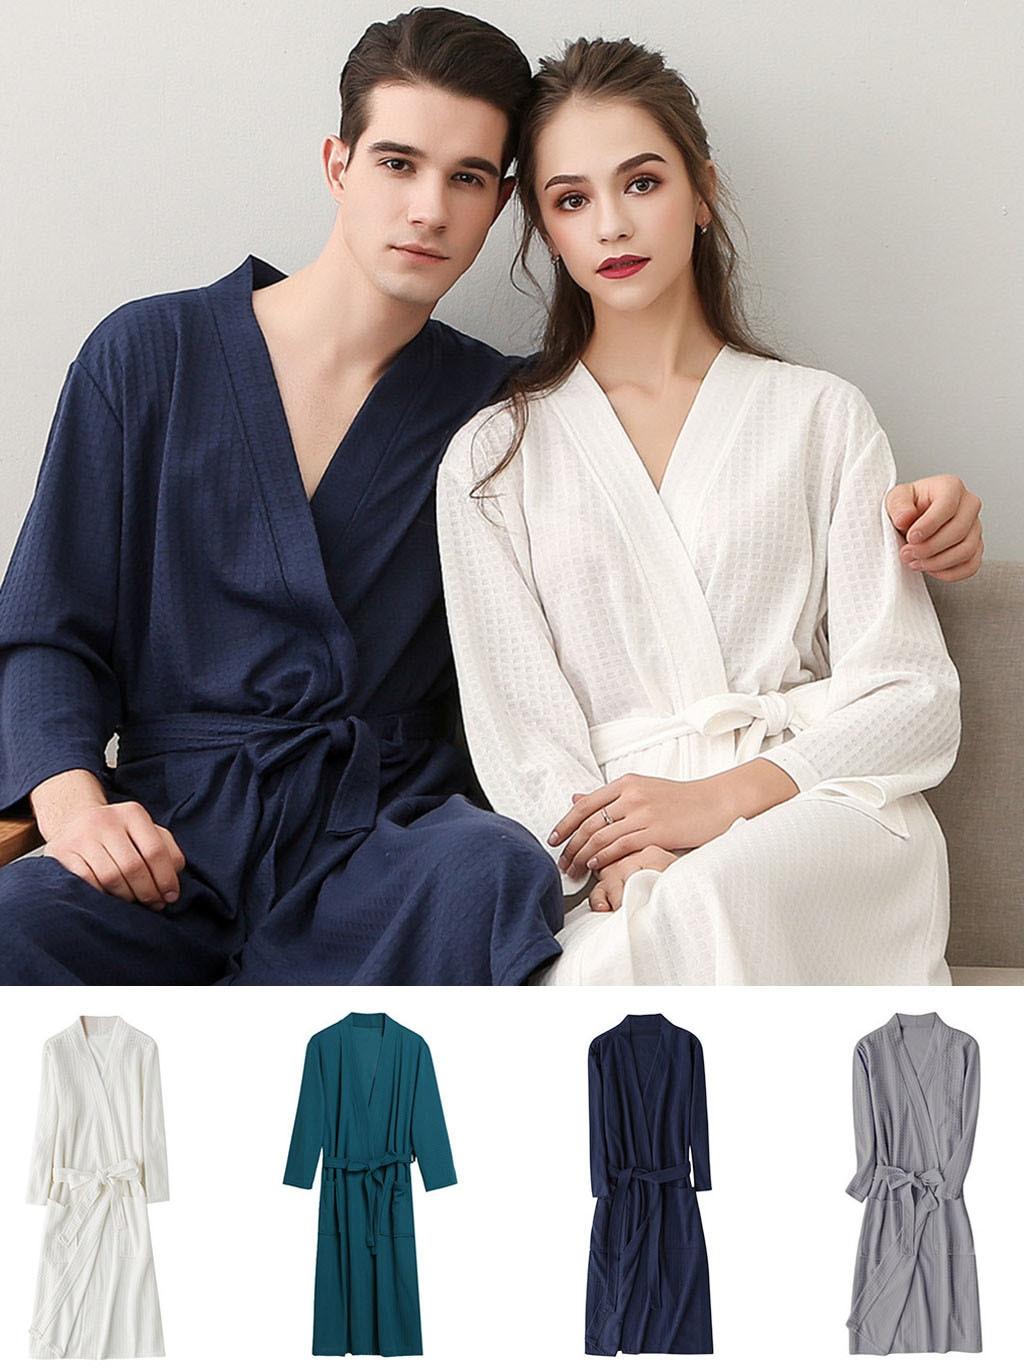 Albornoz de algodón transpirable para hombre y mujer, bata de baño Unisex, de Color sólido, empalme, para el hogar, # G3 &